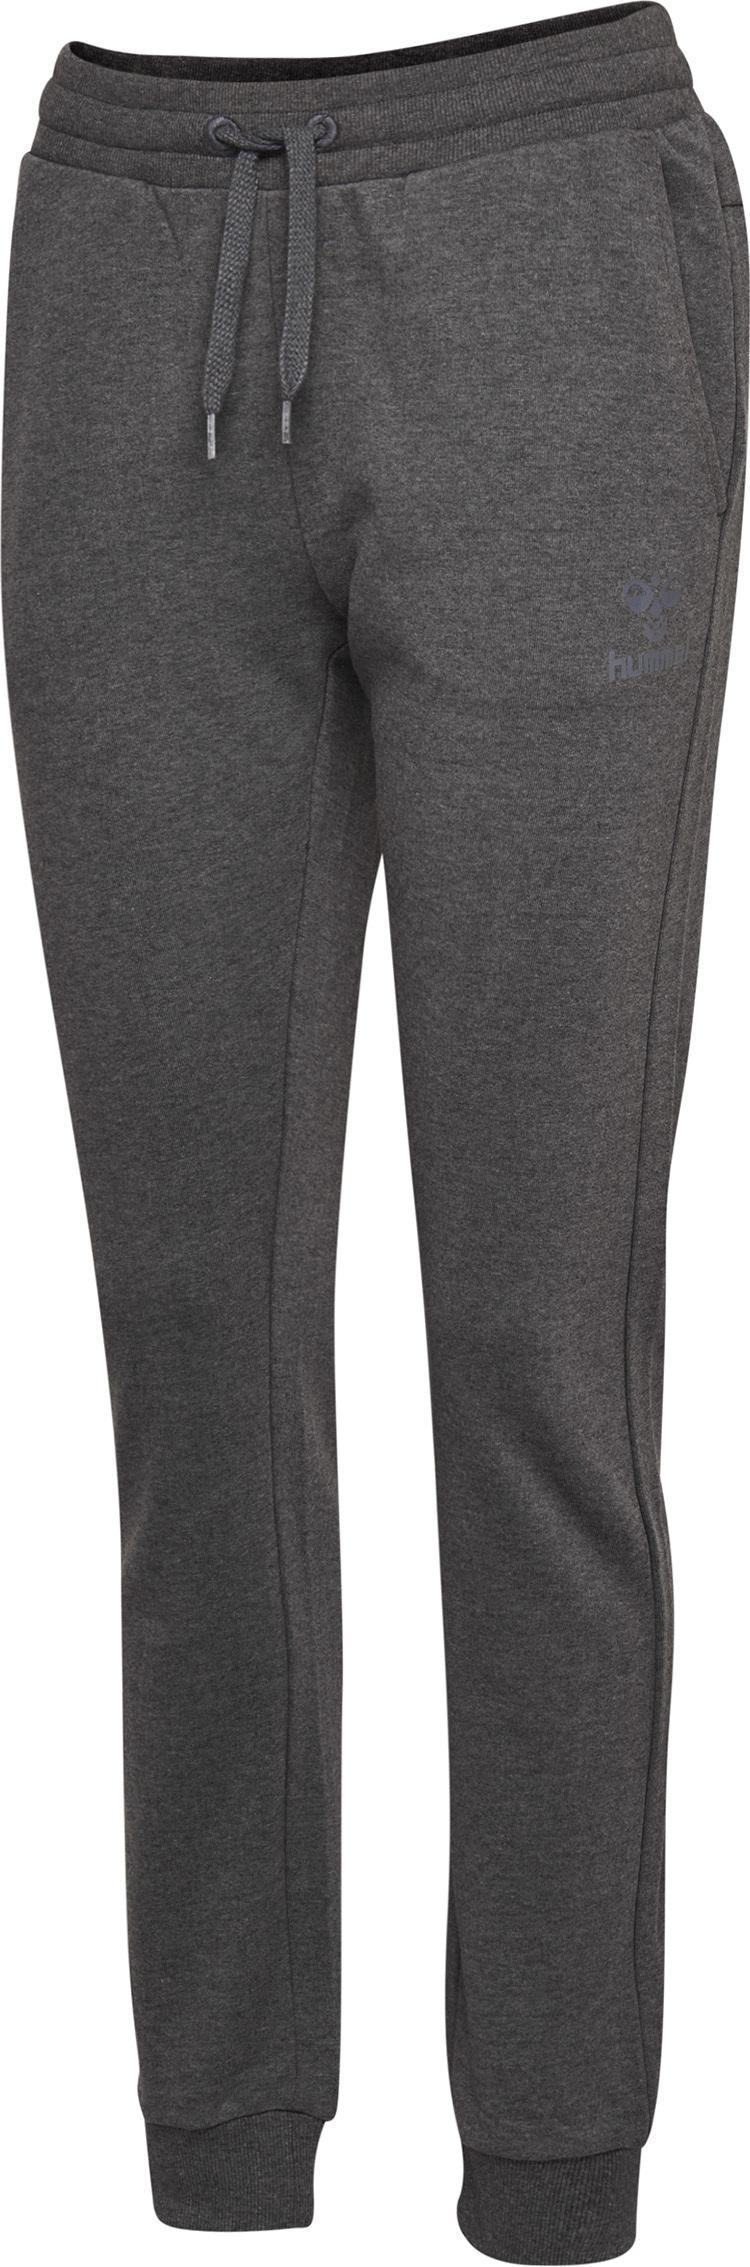 Купить Спортивные штаны женские Hummel HML МАДЛЕН r L на Otpravka - цены и фото - доставка из Польши и стран Европы в Украину.